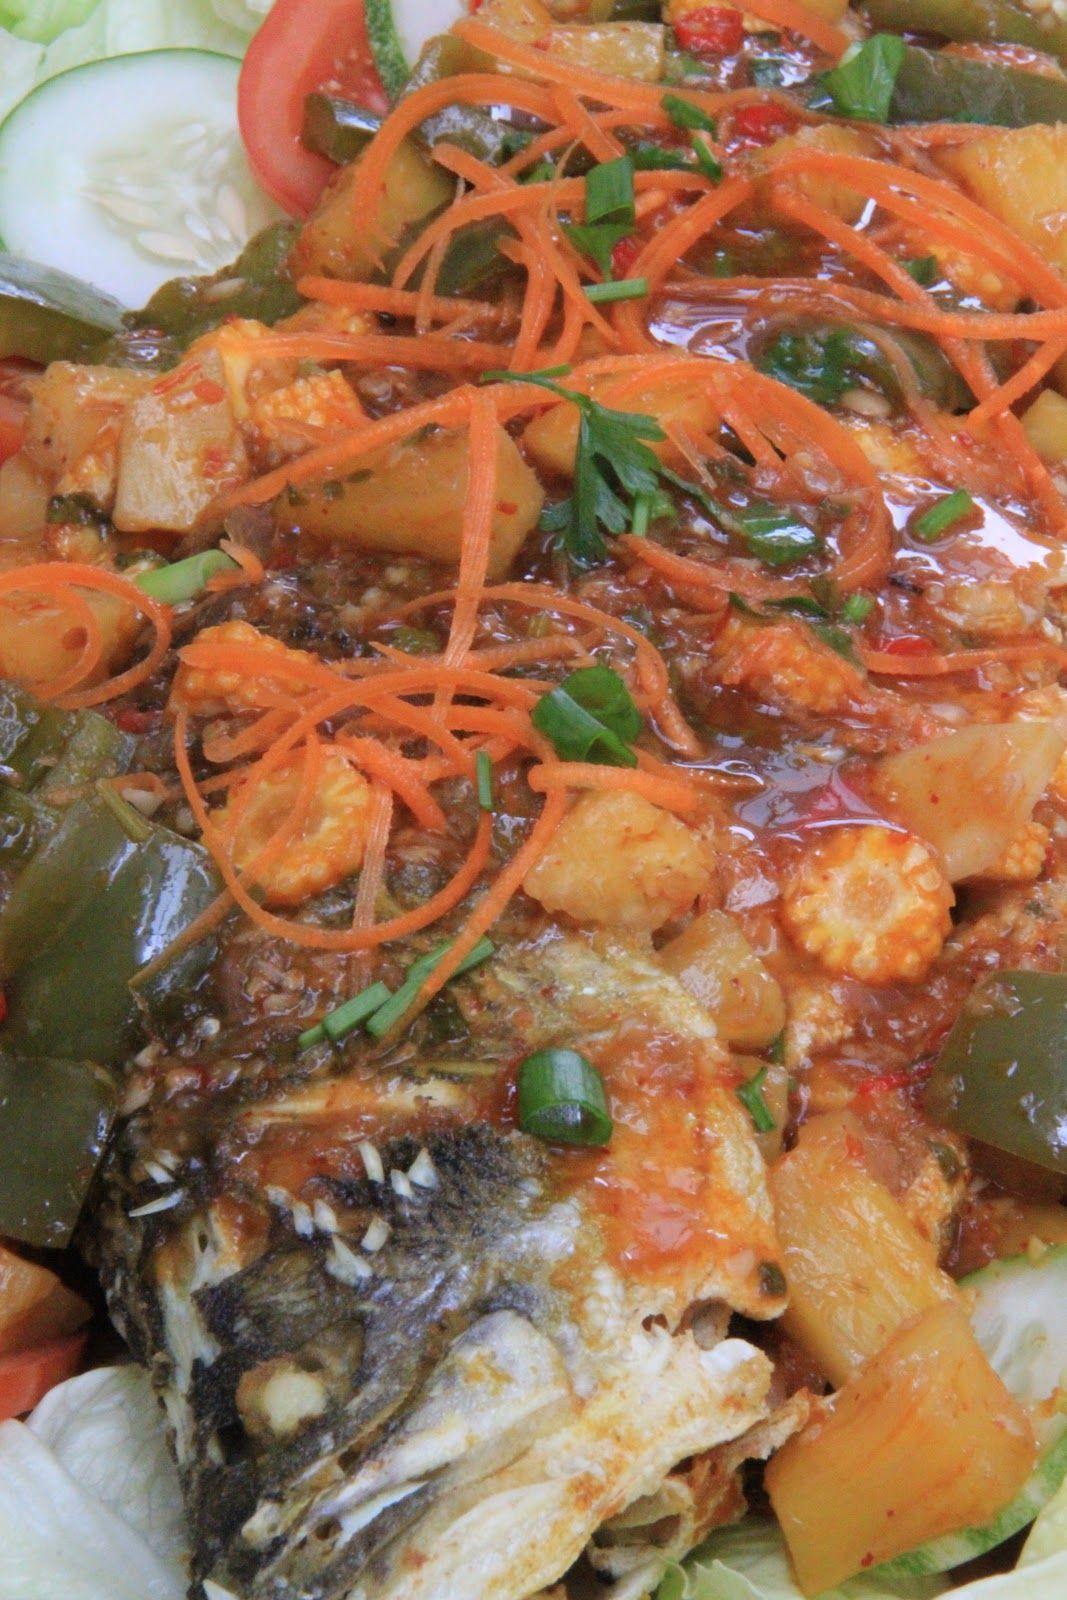 resepi ikan kembung  rasa resep bunda erita Resepi Singgang Ikan Bawal Putih Enak dan Mudah